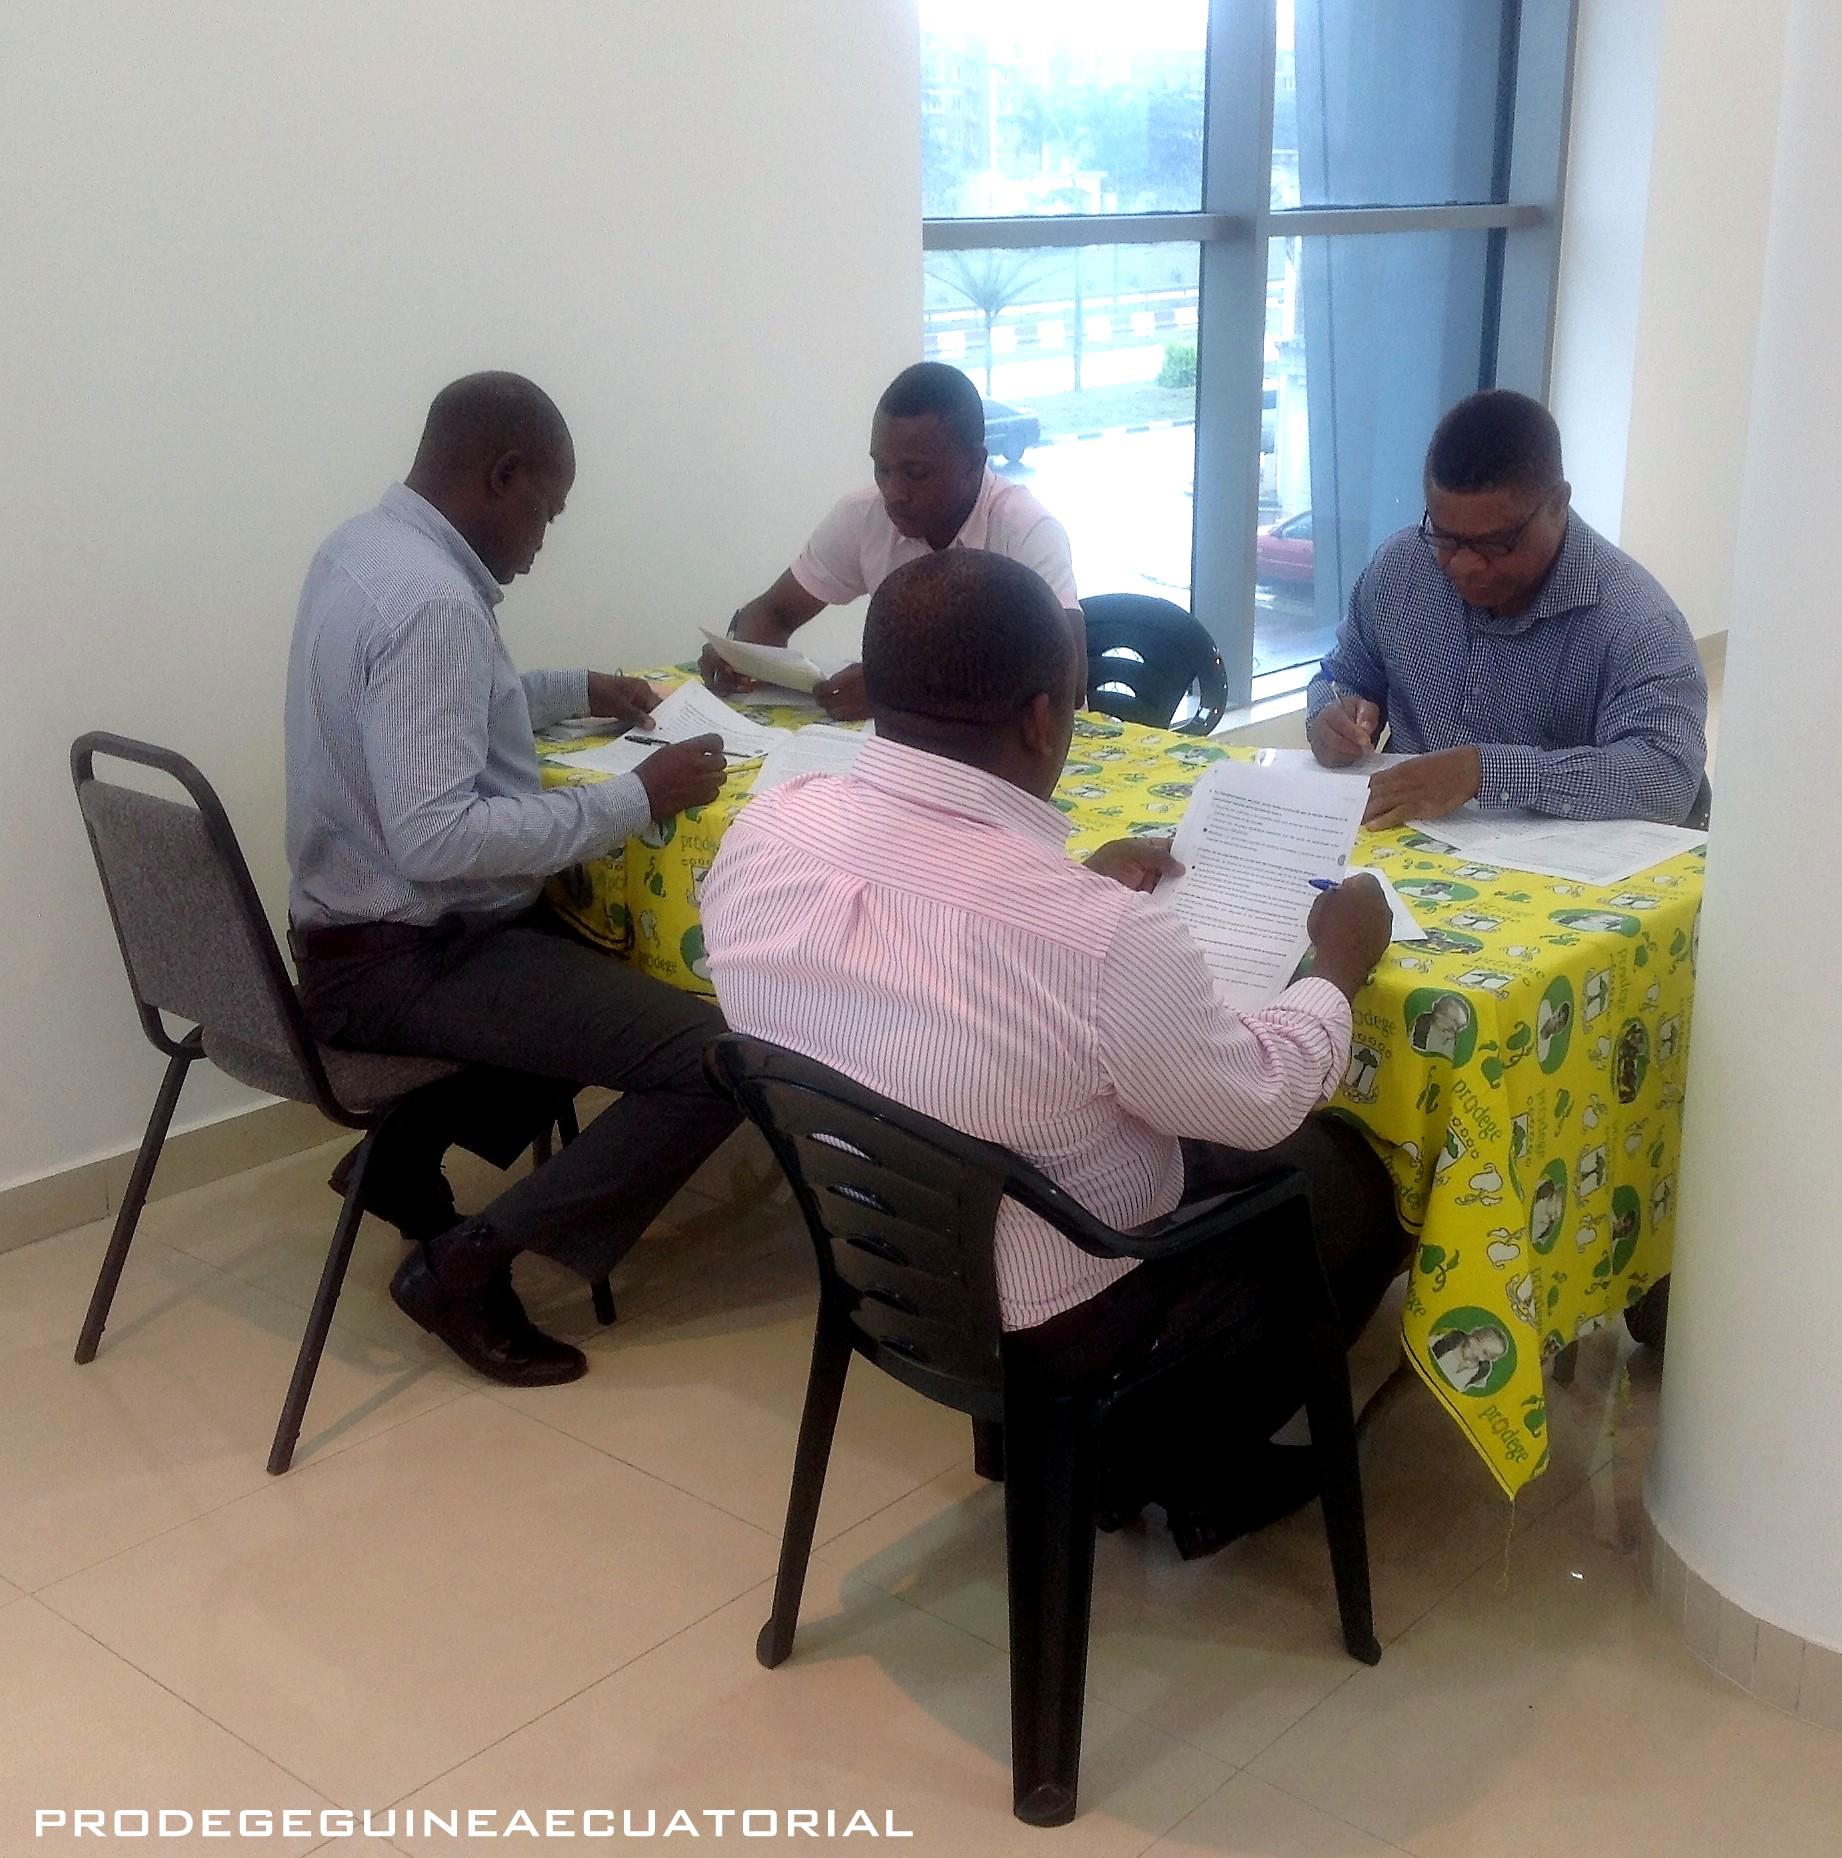 Capacitación dirigida a los tutores y supervisores potenciales para implementar el módulo de Liderazgo Pedagógico y Administración Escolar en la formación hacia la acreditación.